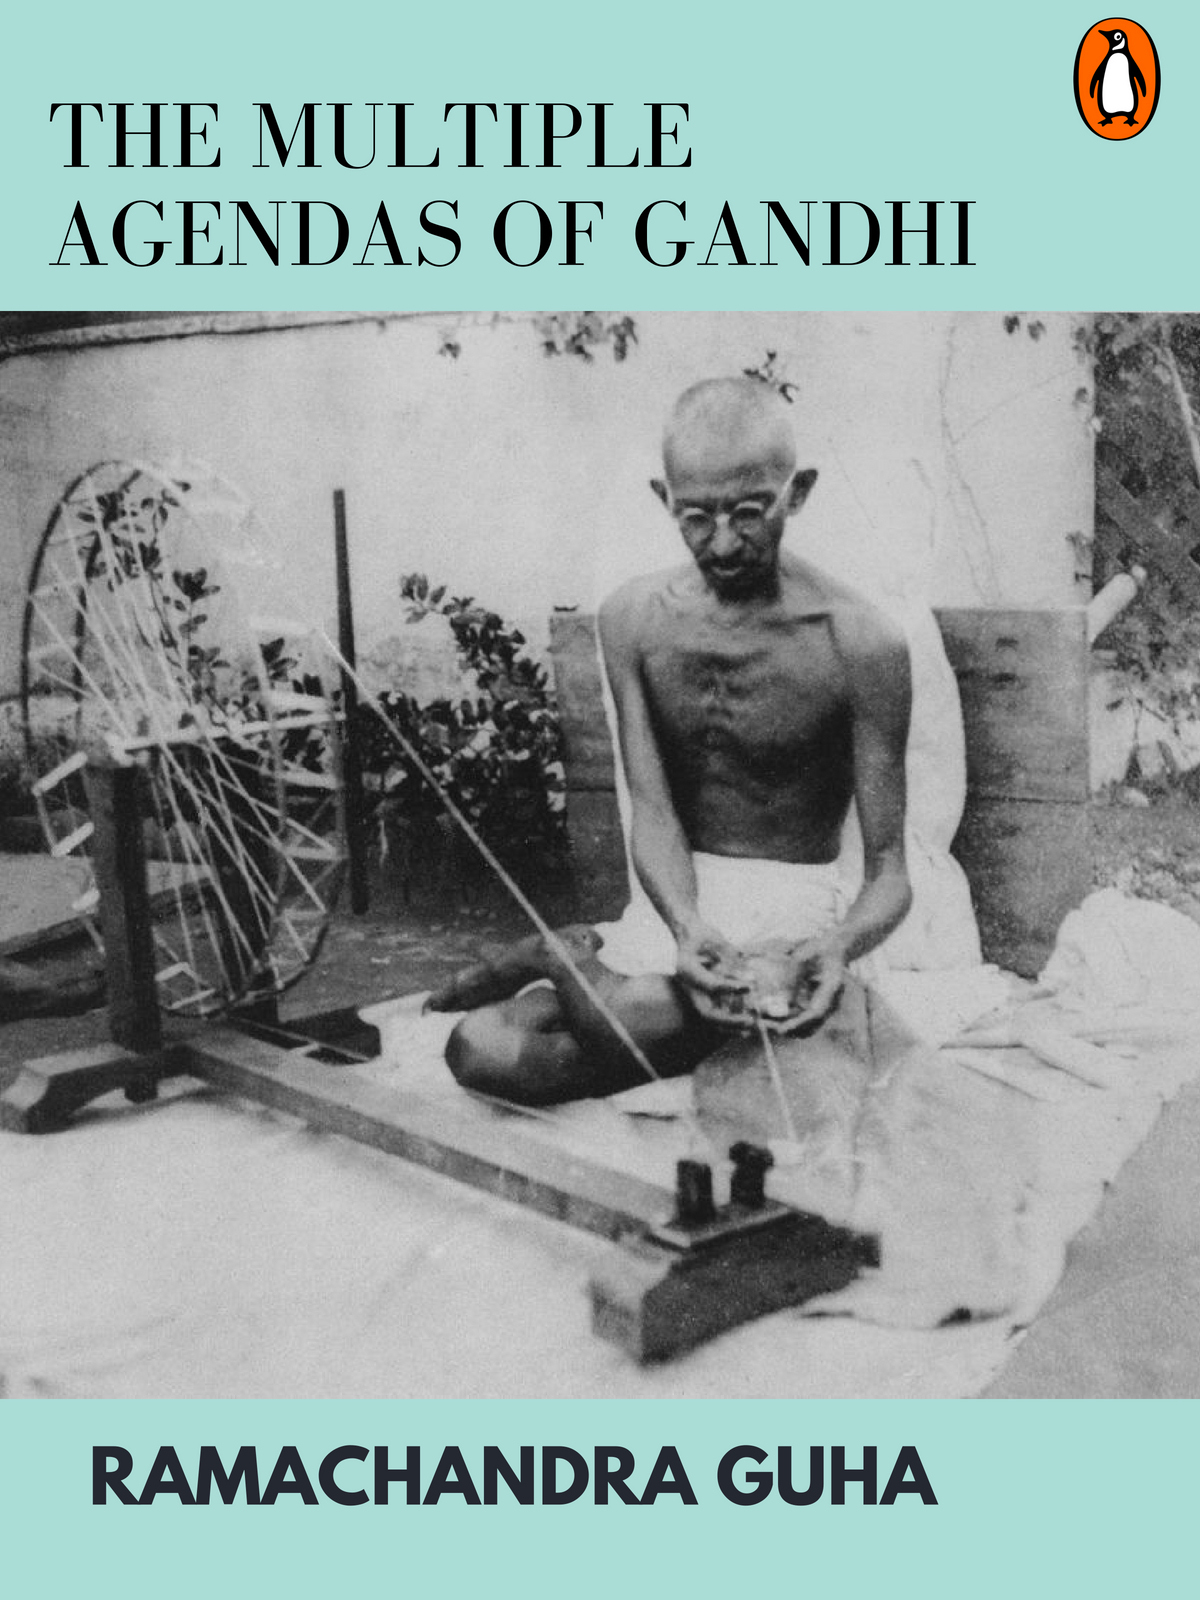 The Multiple Agendas of Gandhi